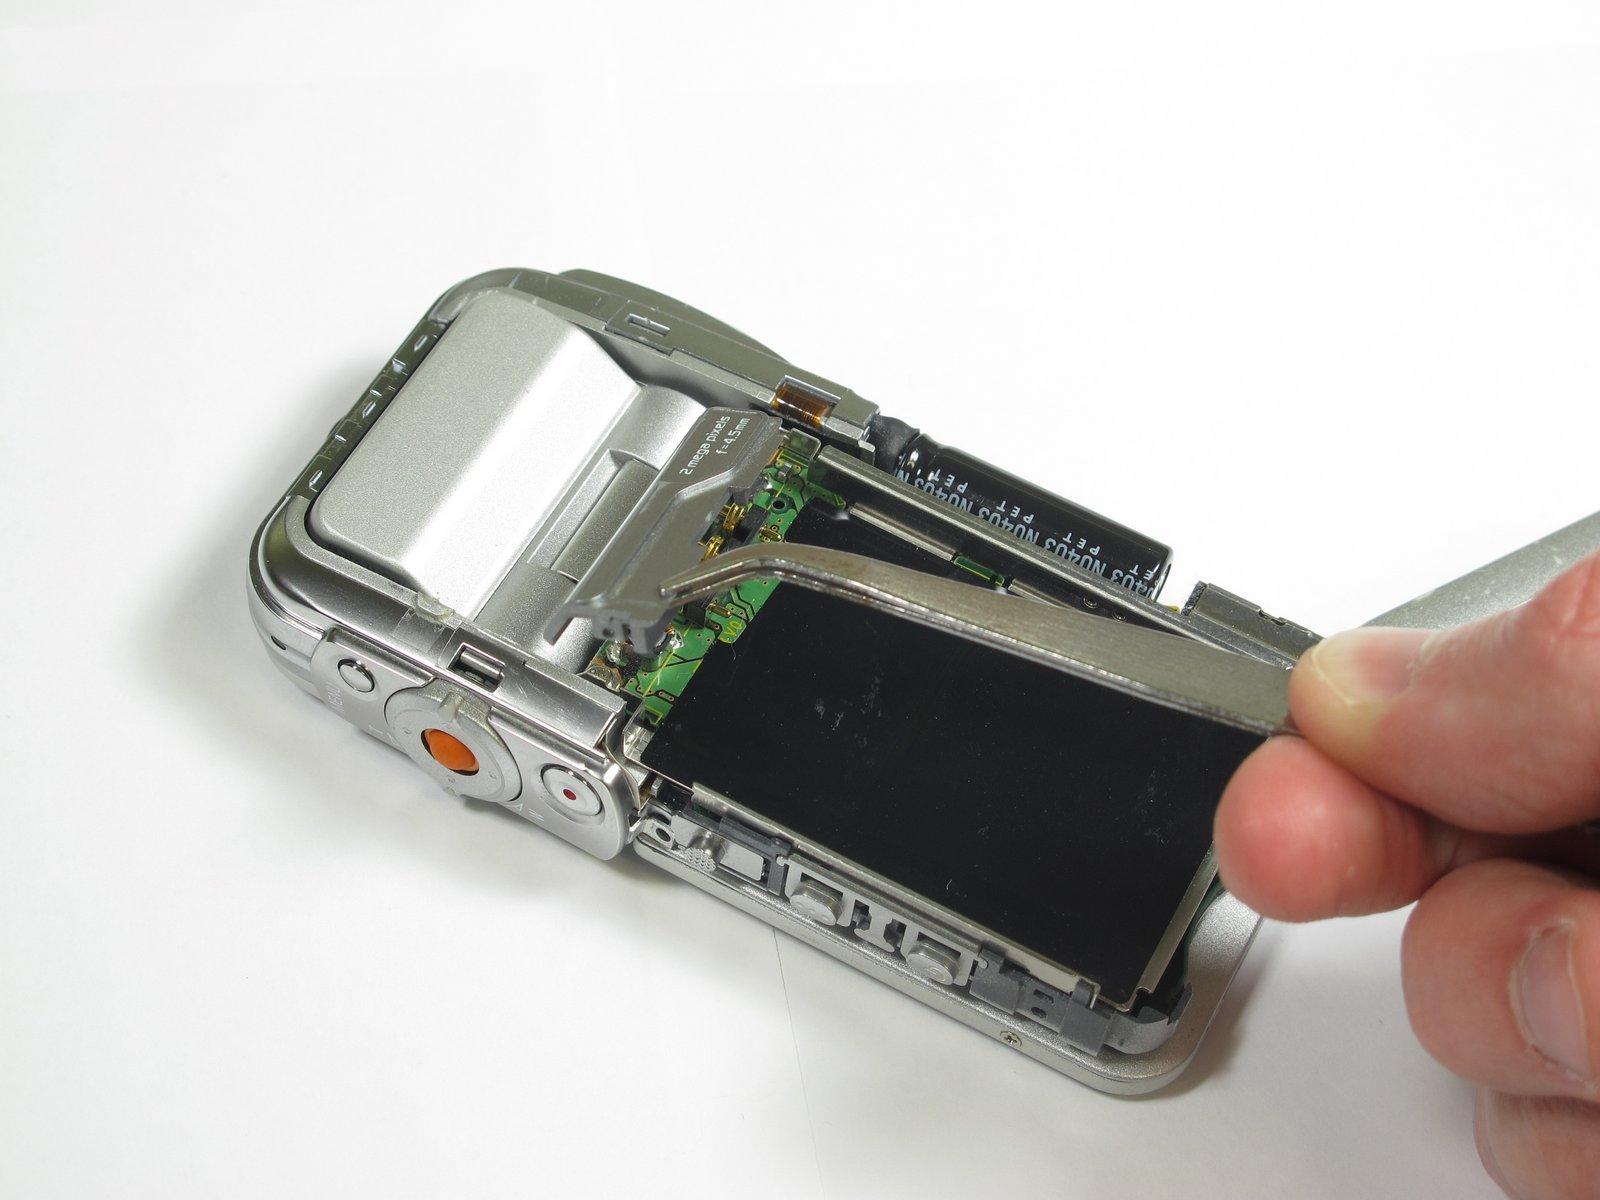 Panasonic sv-av50 mpeg4 2mp d-snap digital video still camera  camcorder mp3